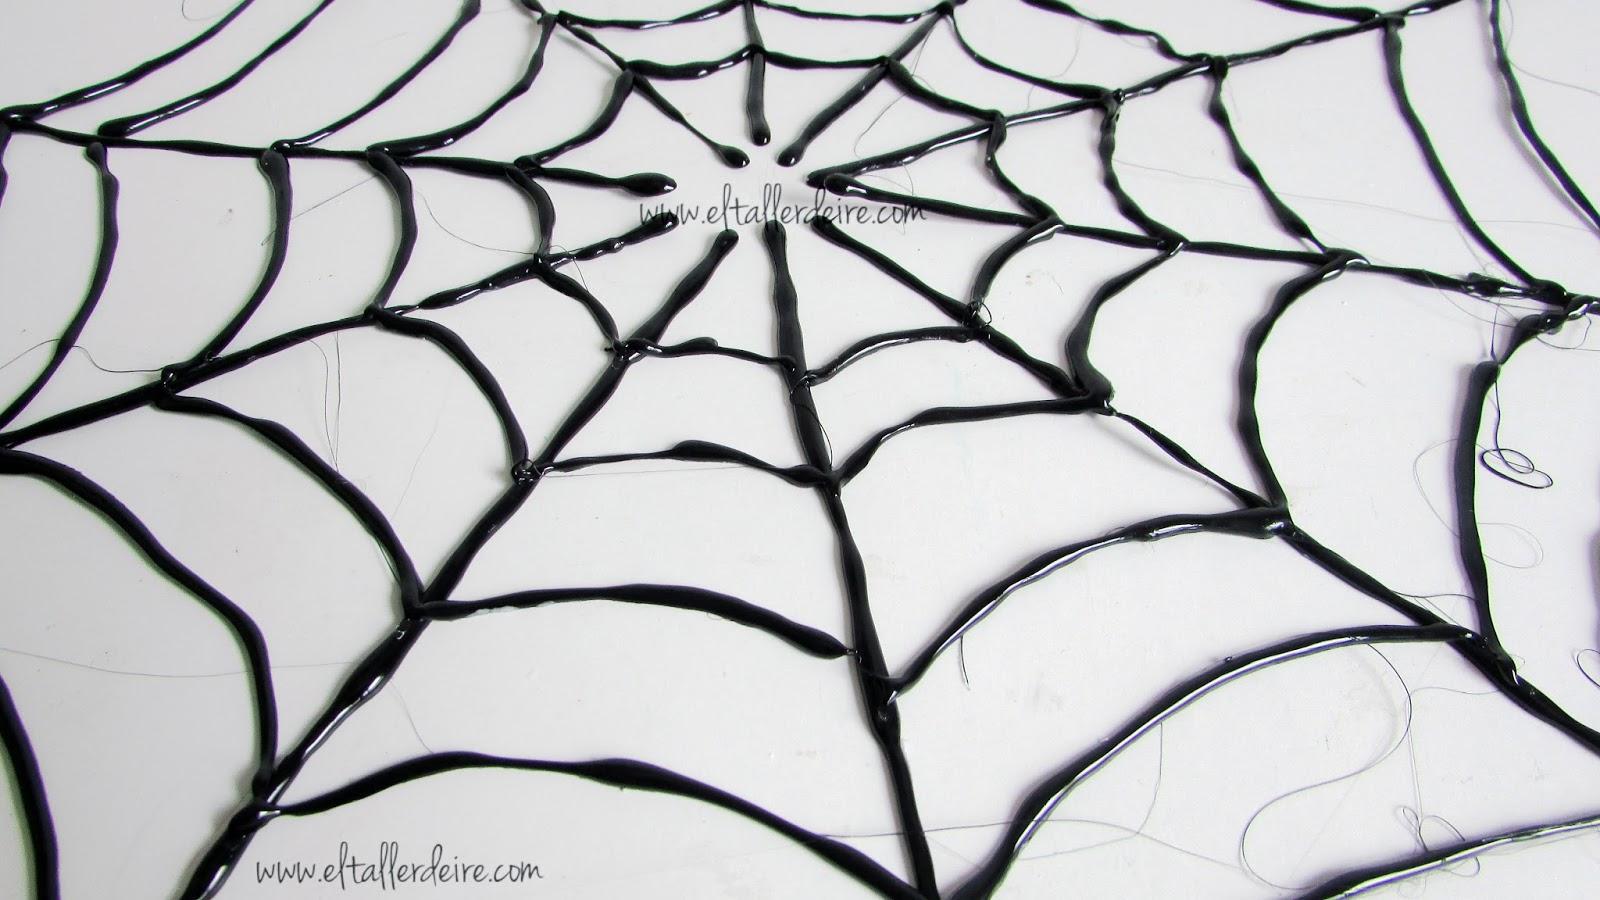 Especial halloween c mo hacer una telara a decorativa - Como hacer tela de arana ...